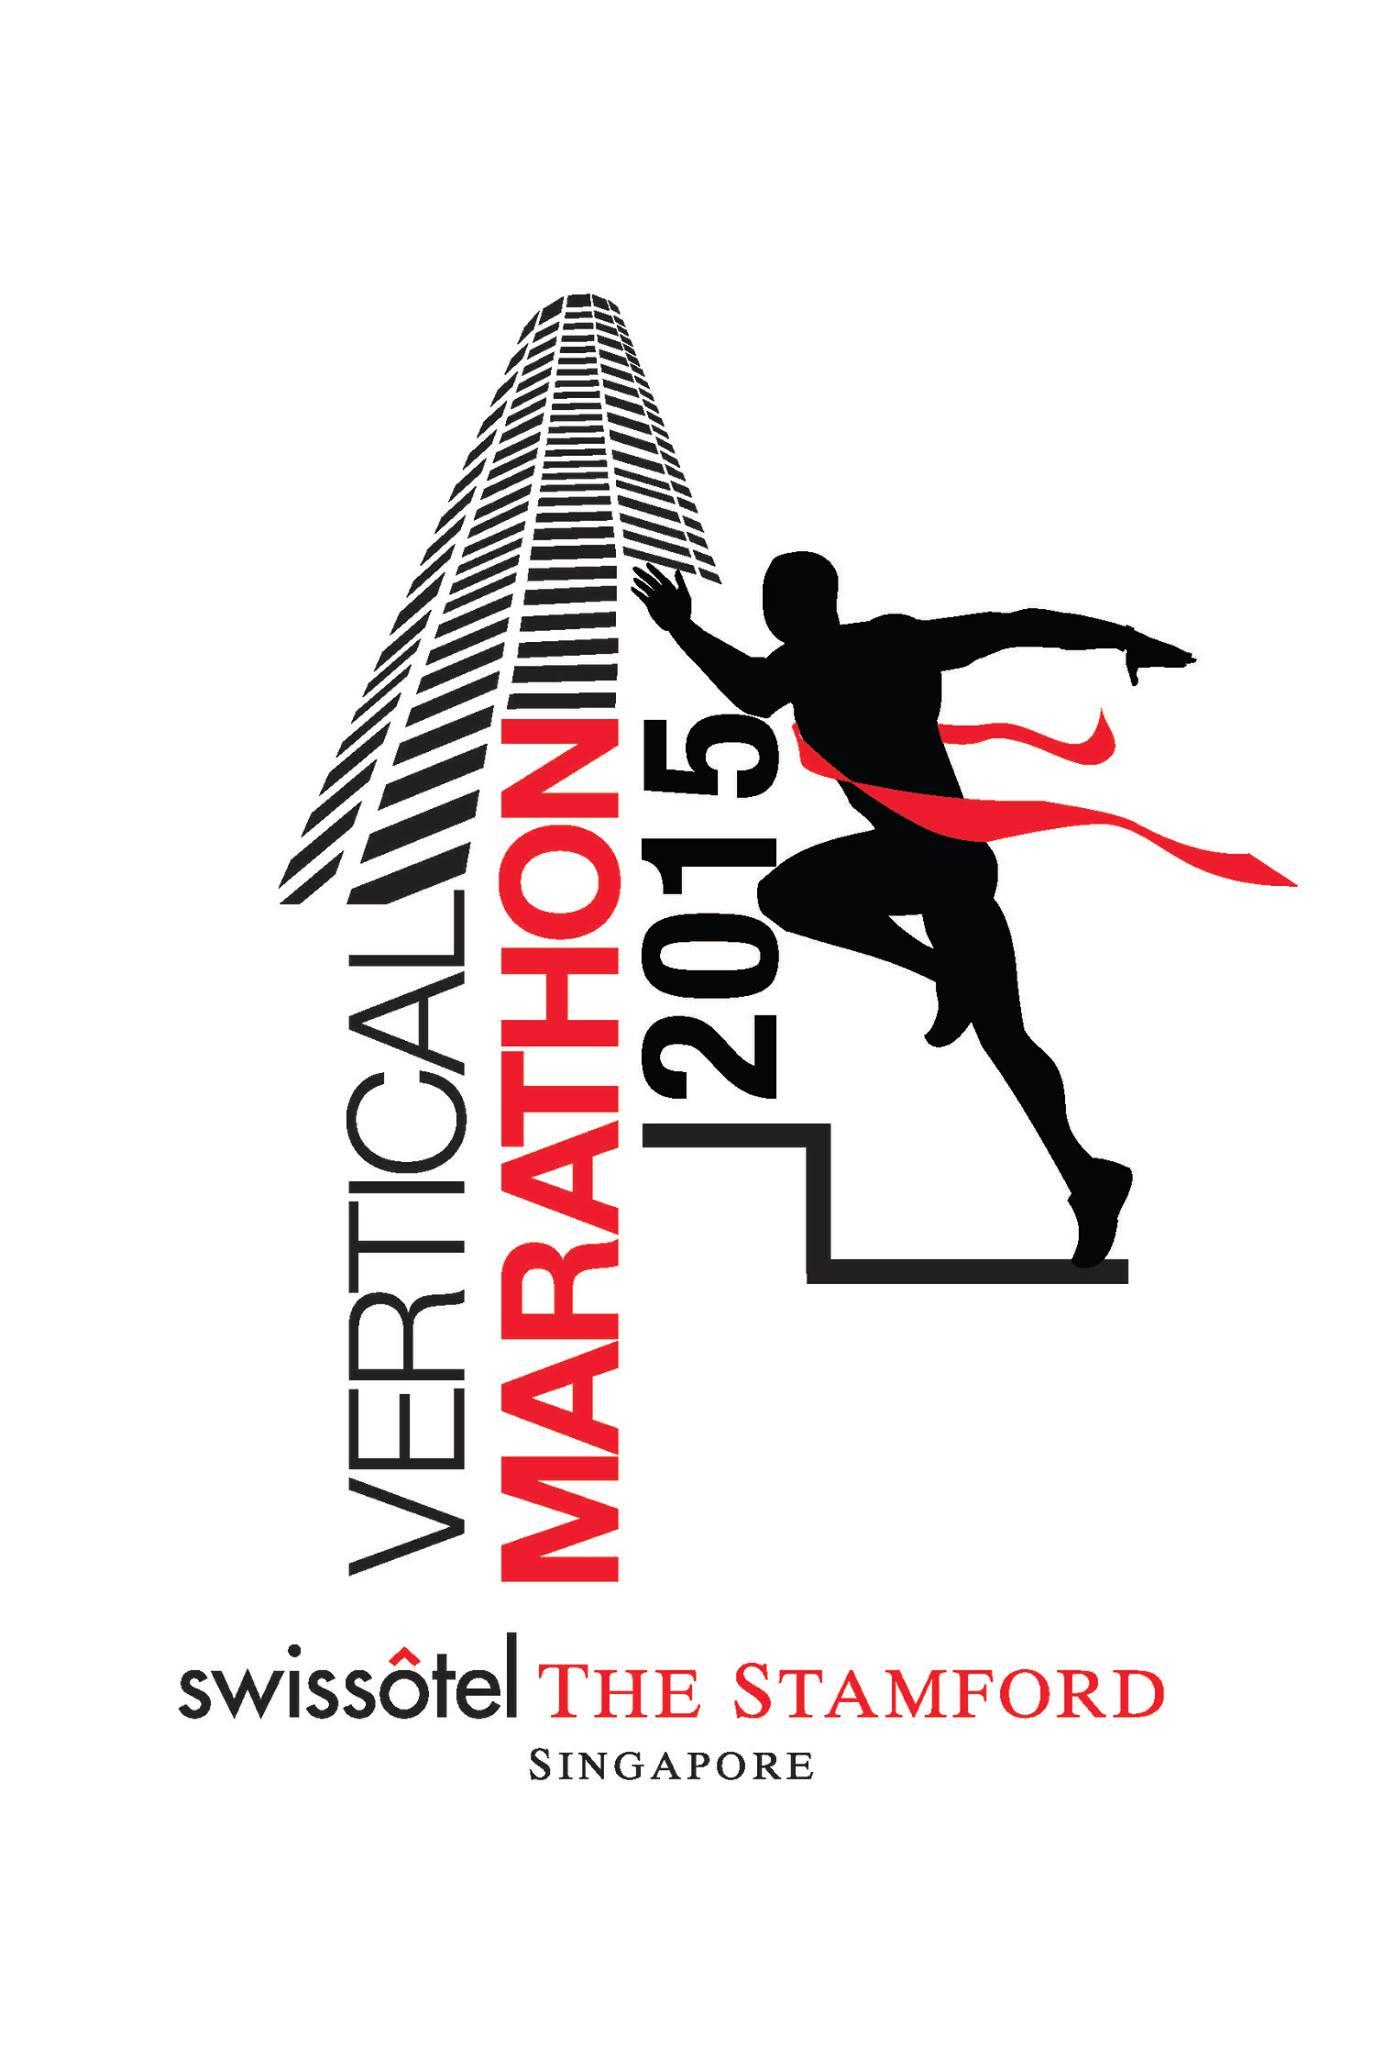 swissotel_vertical marathon 1